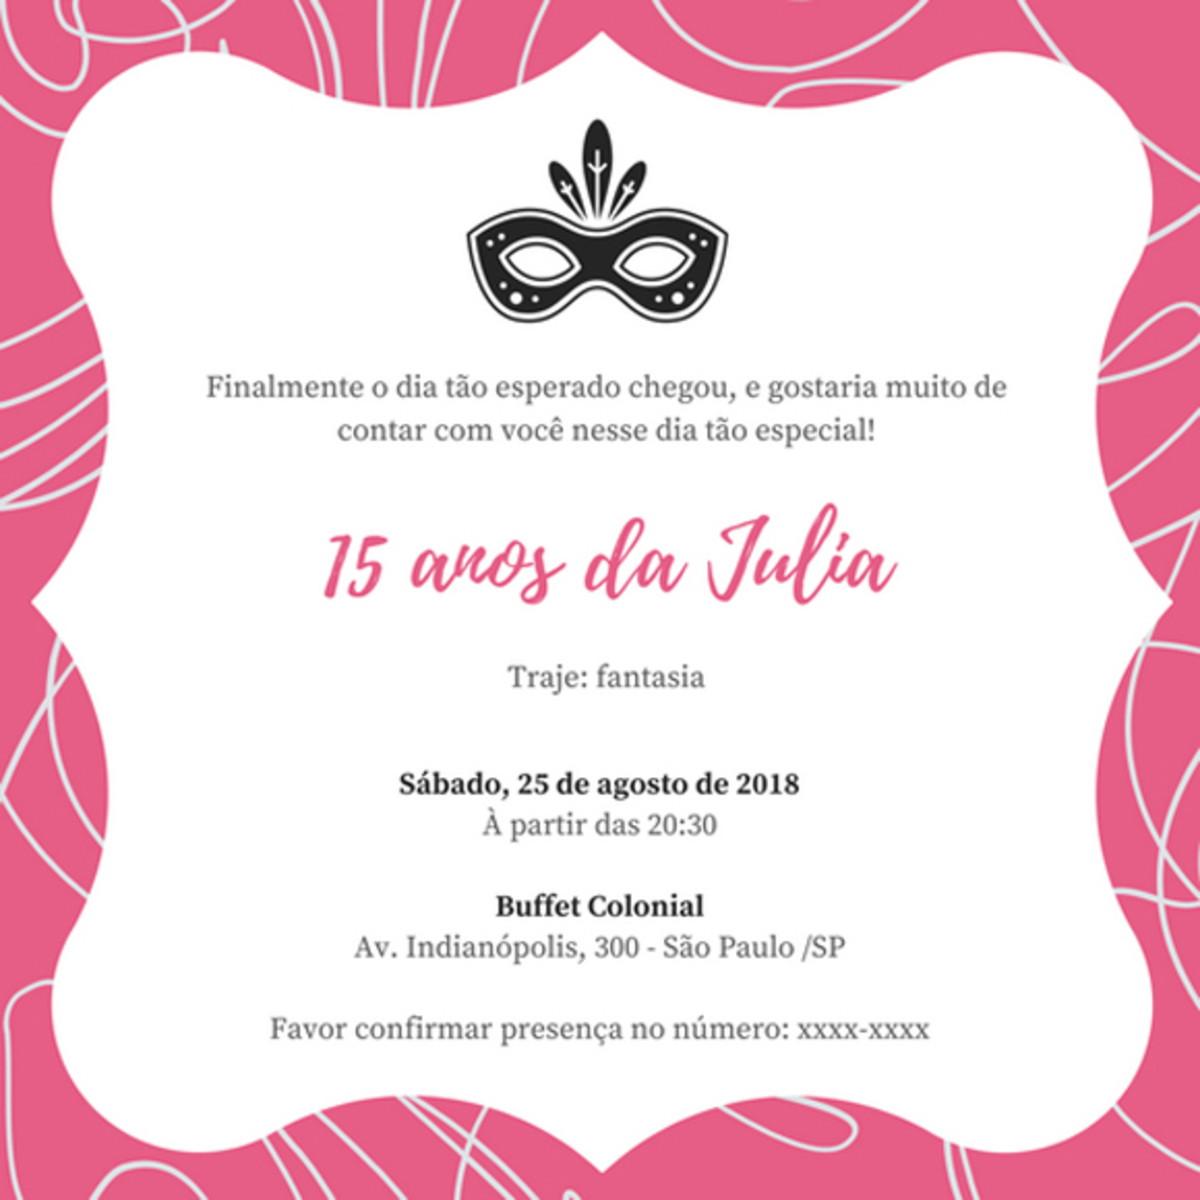 Convite Online Festa A Fantasia No Elo7 Criação Digital D2a0e9